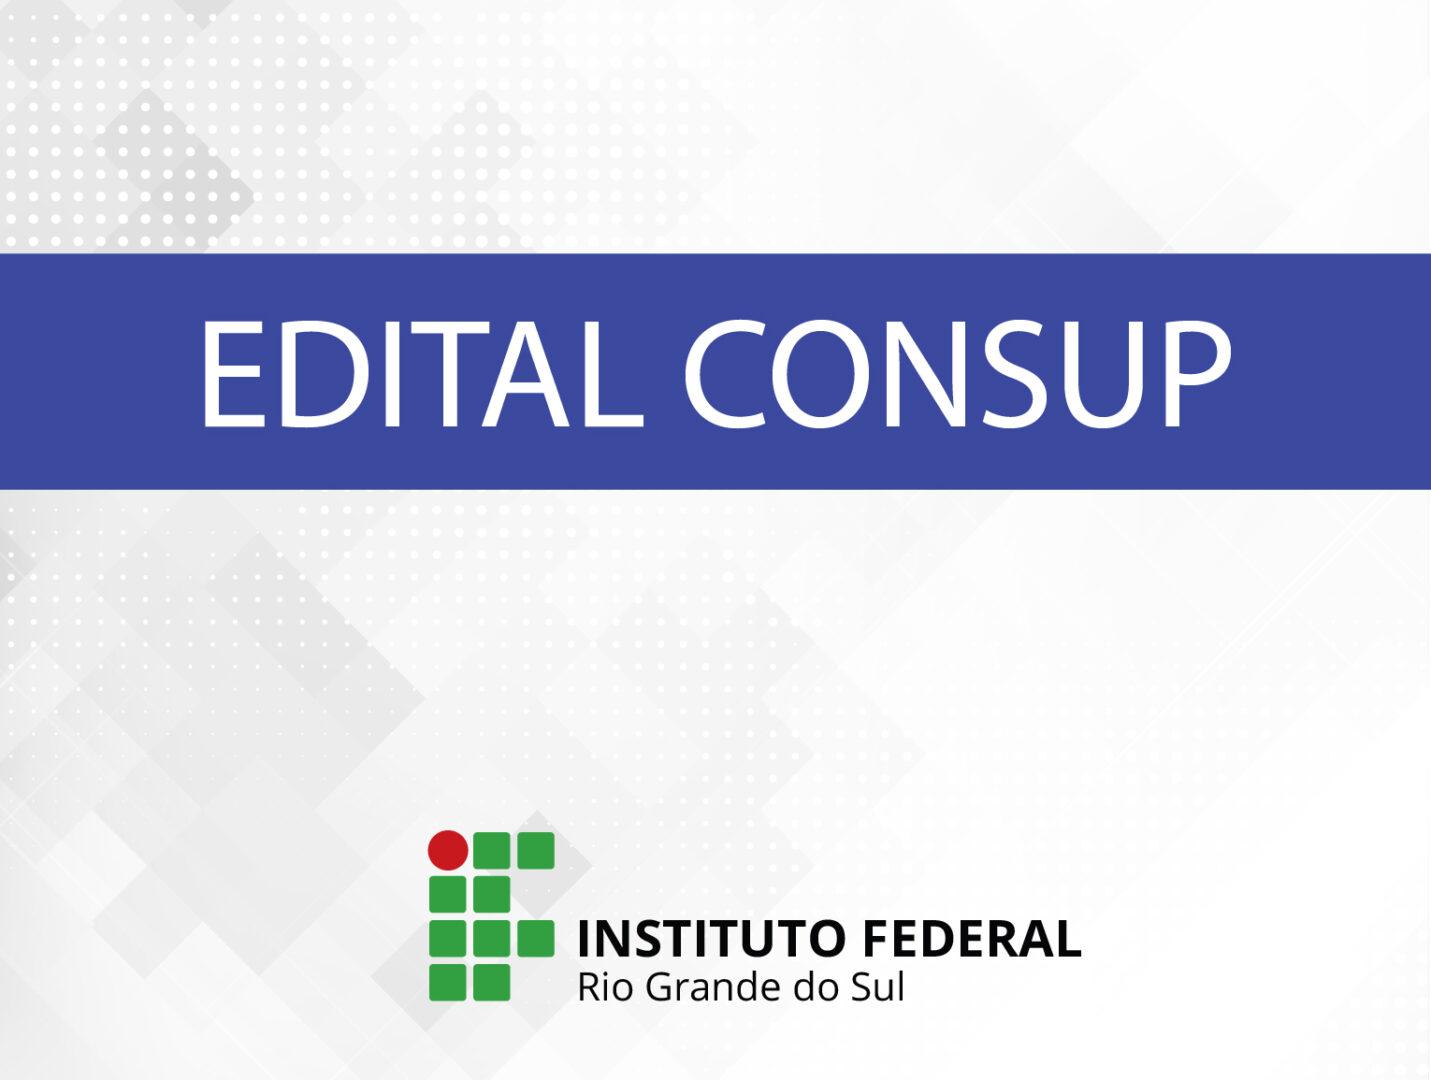 Informação textual Edital Consup e a marca do Instituto Federal do Rio Grande do Sul